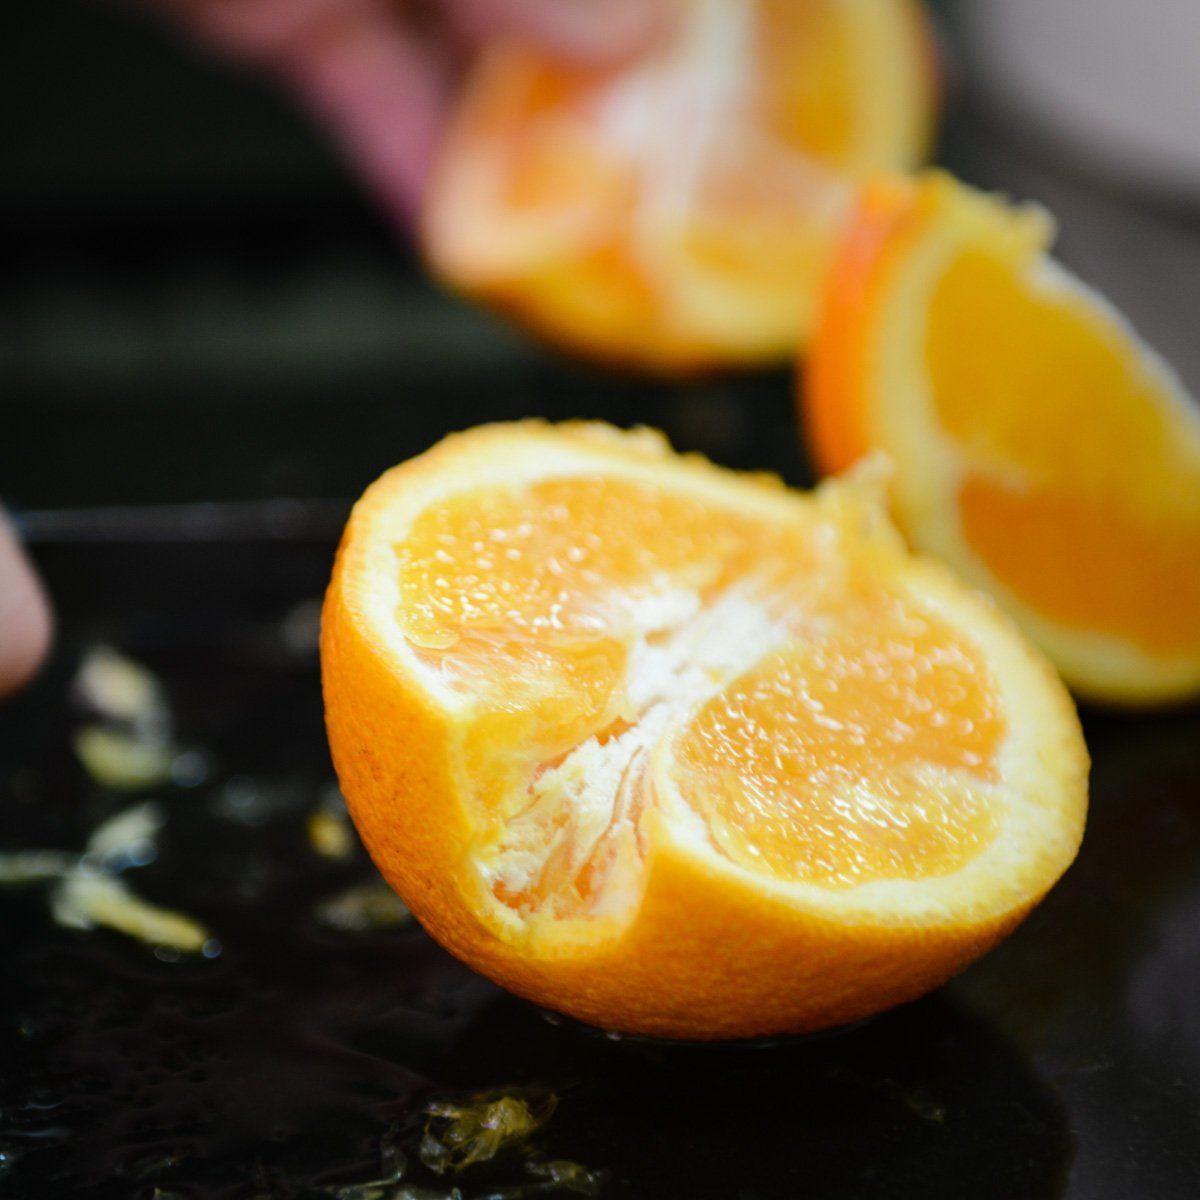 L'orange juteuse